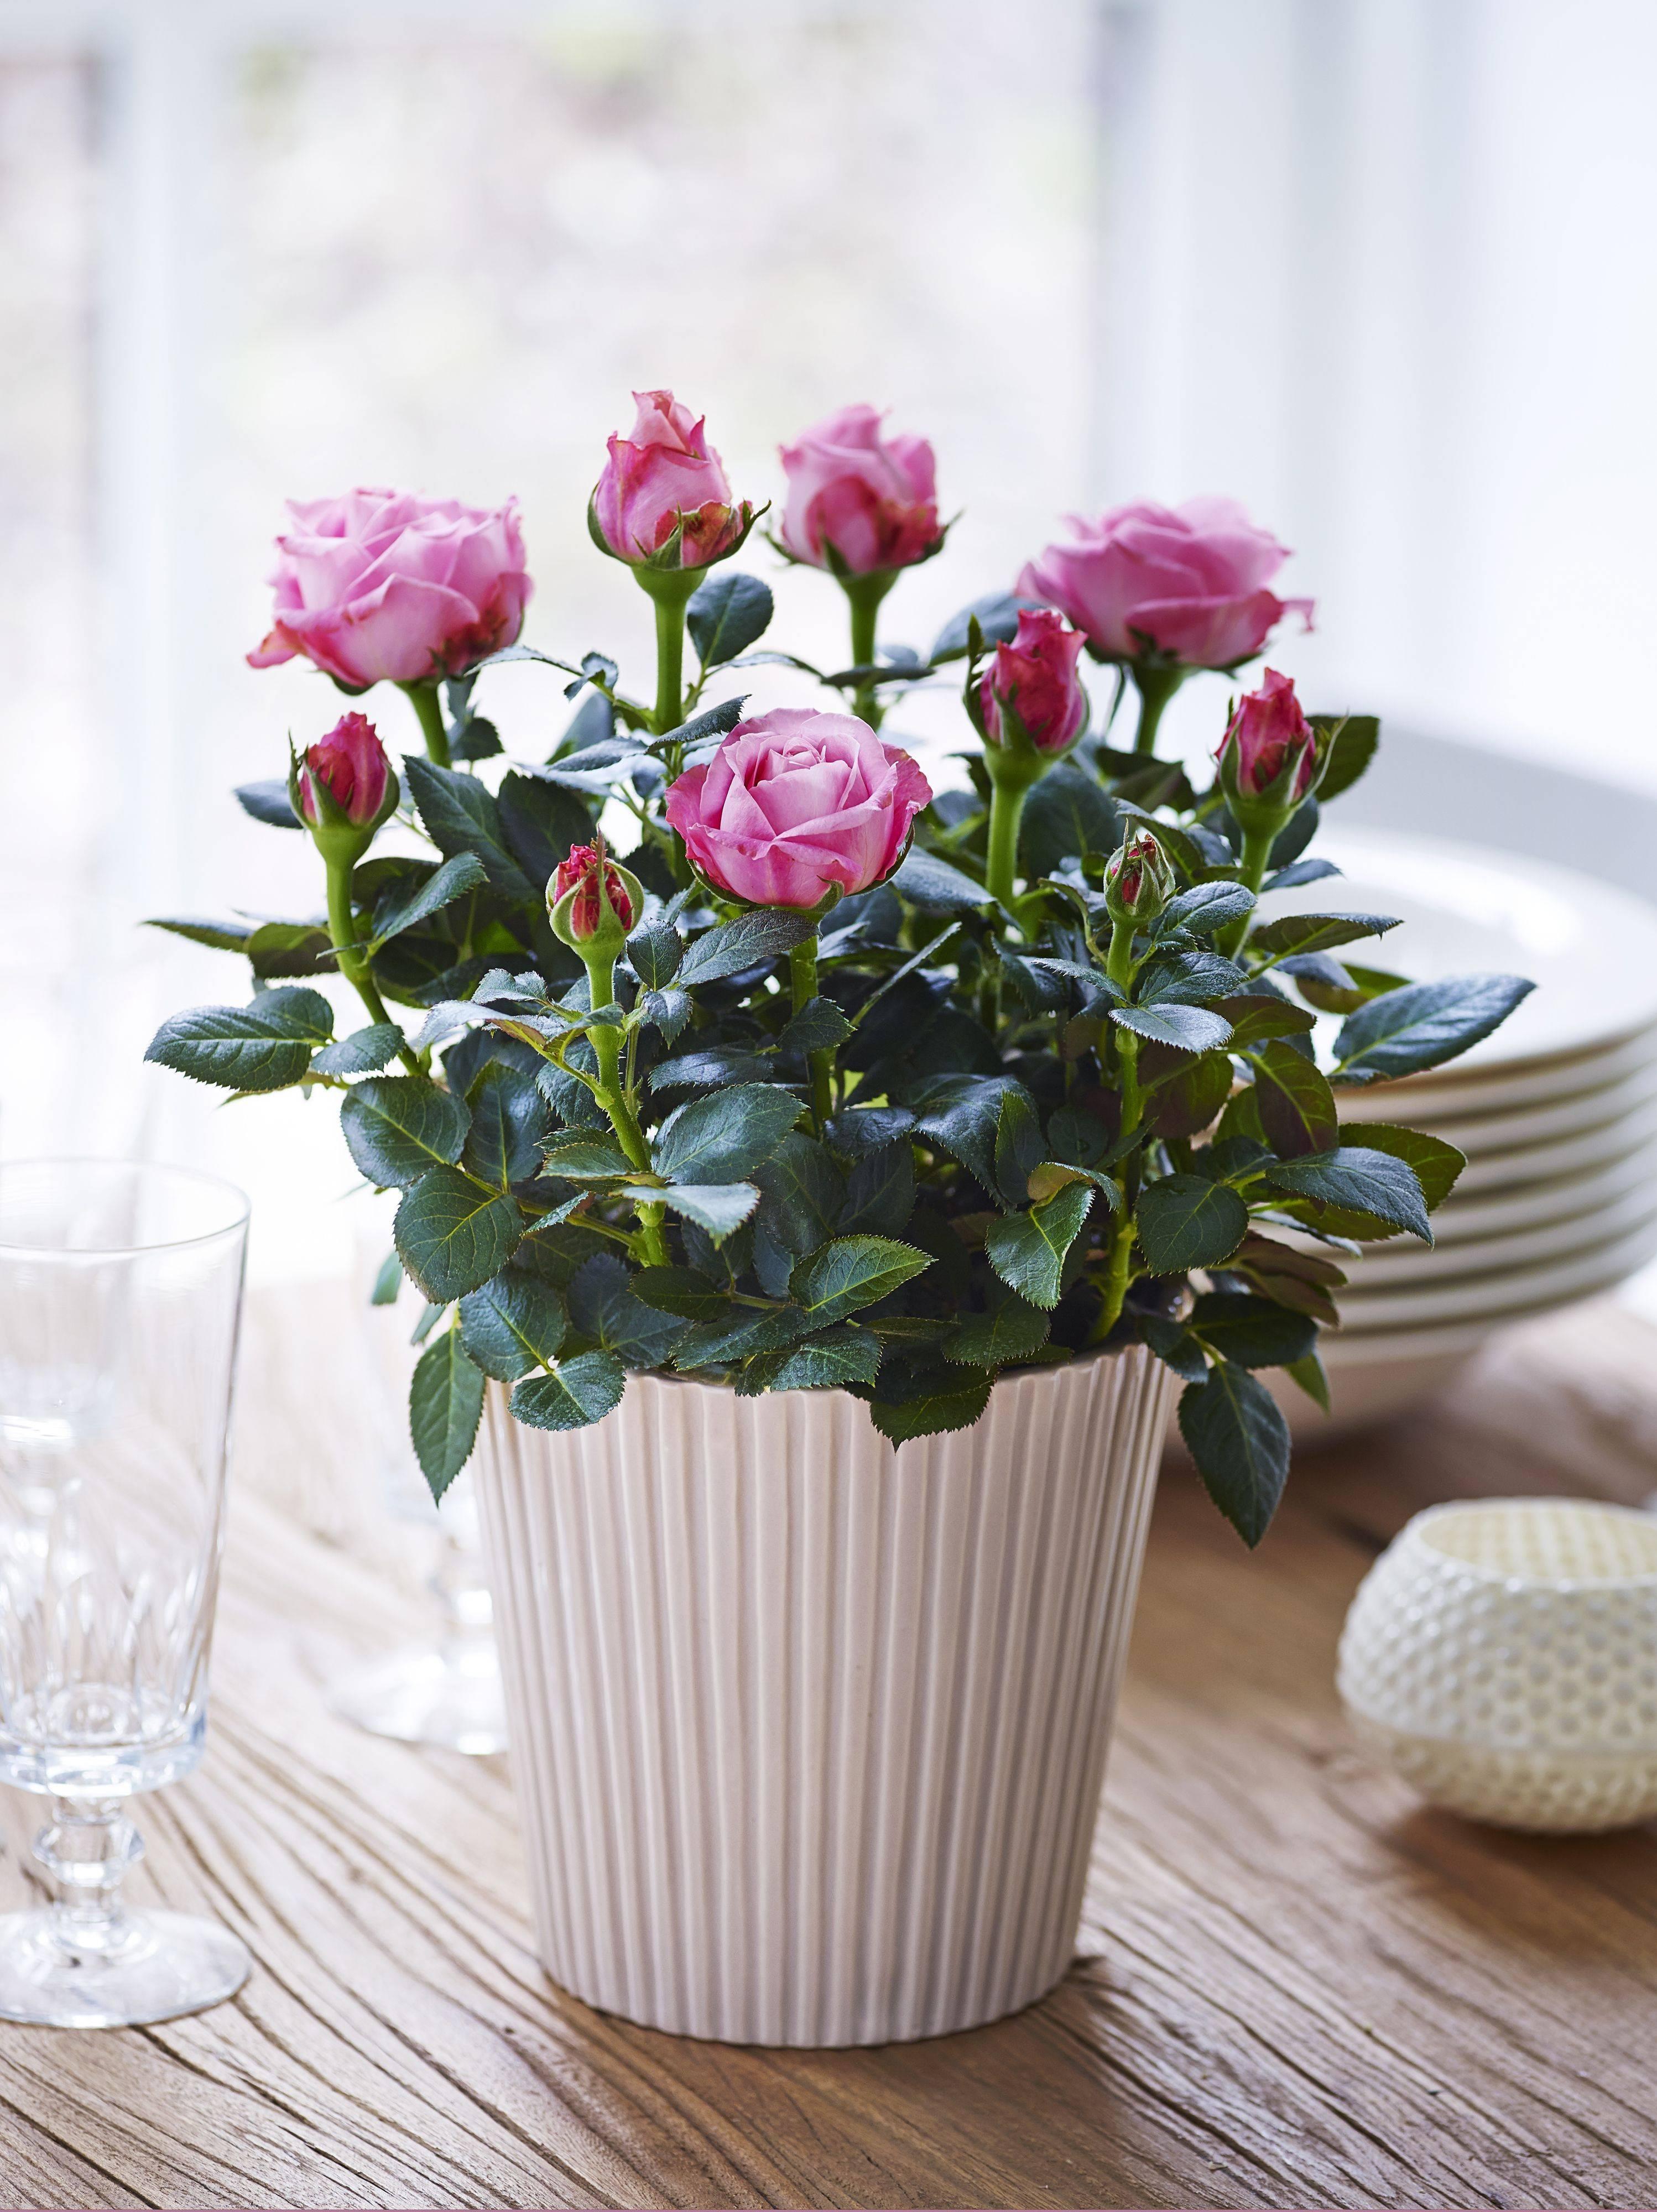 Роза в горшке: уход за комнатной розой в домашних условиях